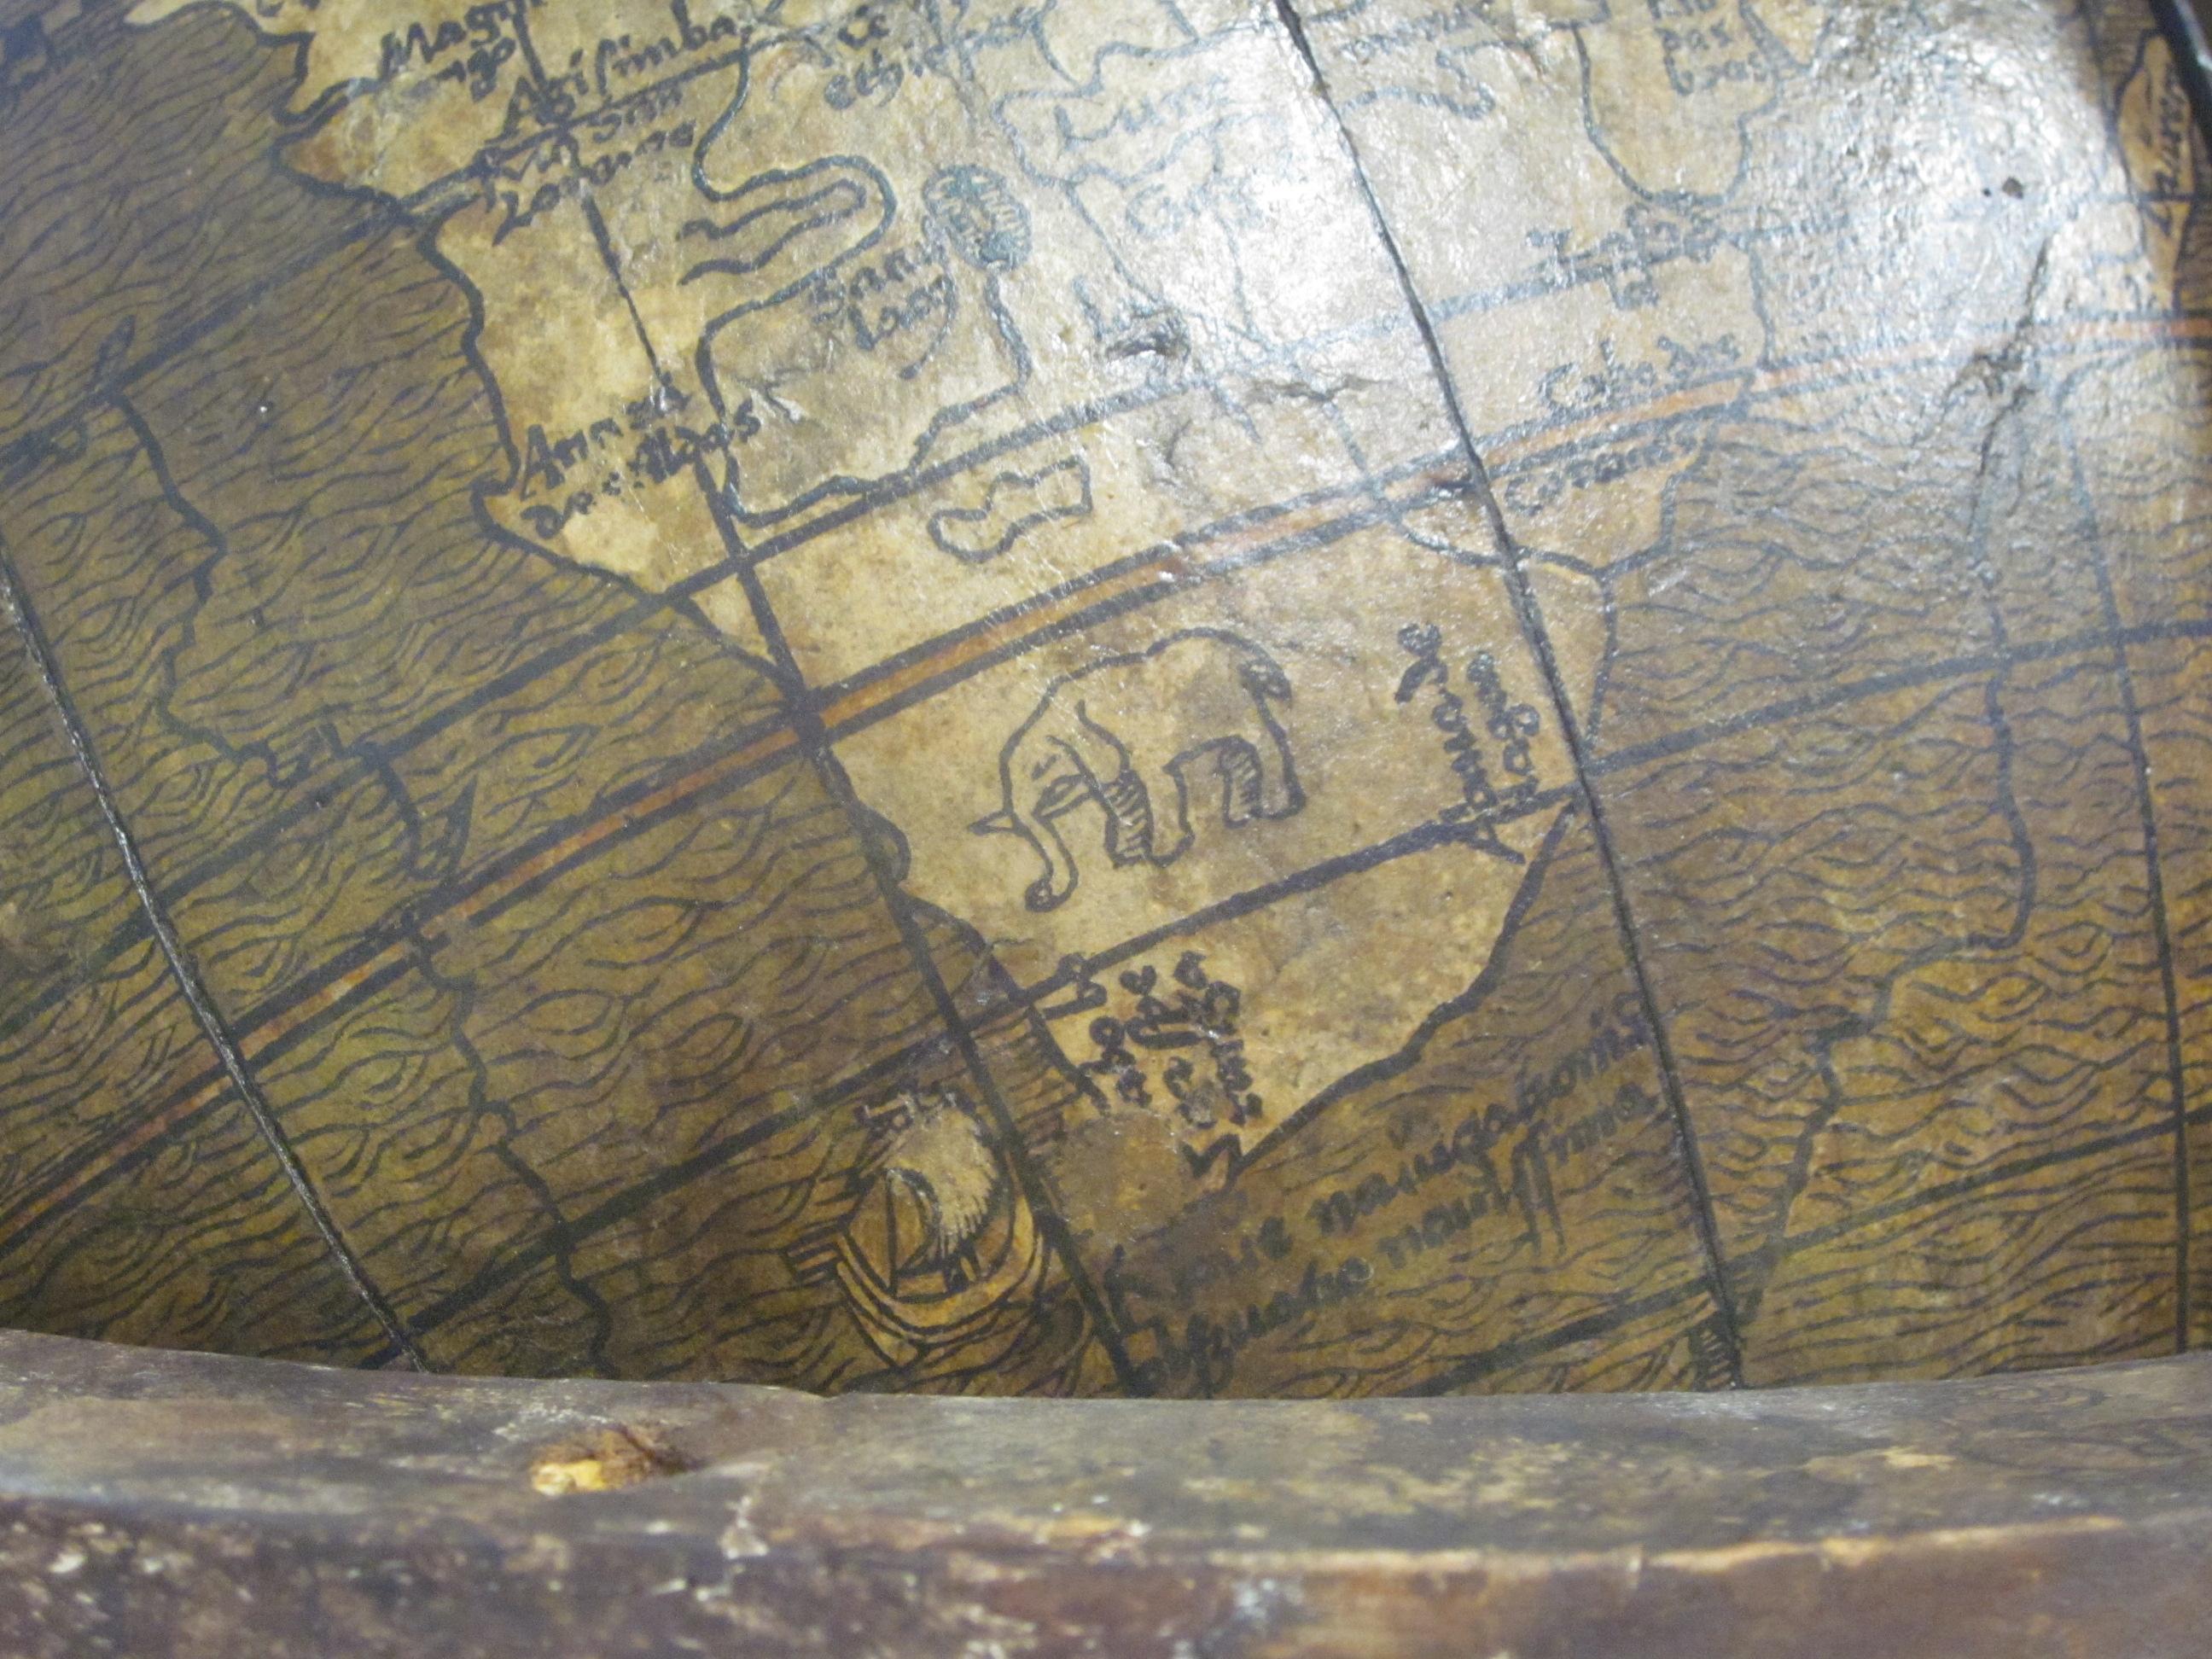 historisches museum frankfurt: Globus-Ausschnitt, Johannes Schöner, 1515 (Afrika südlich)